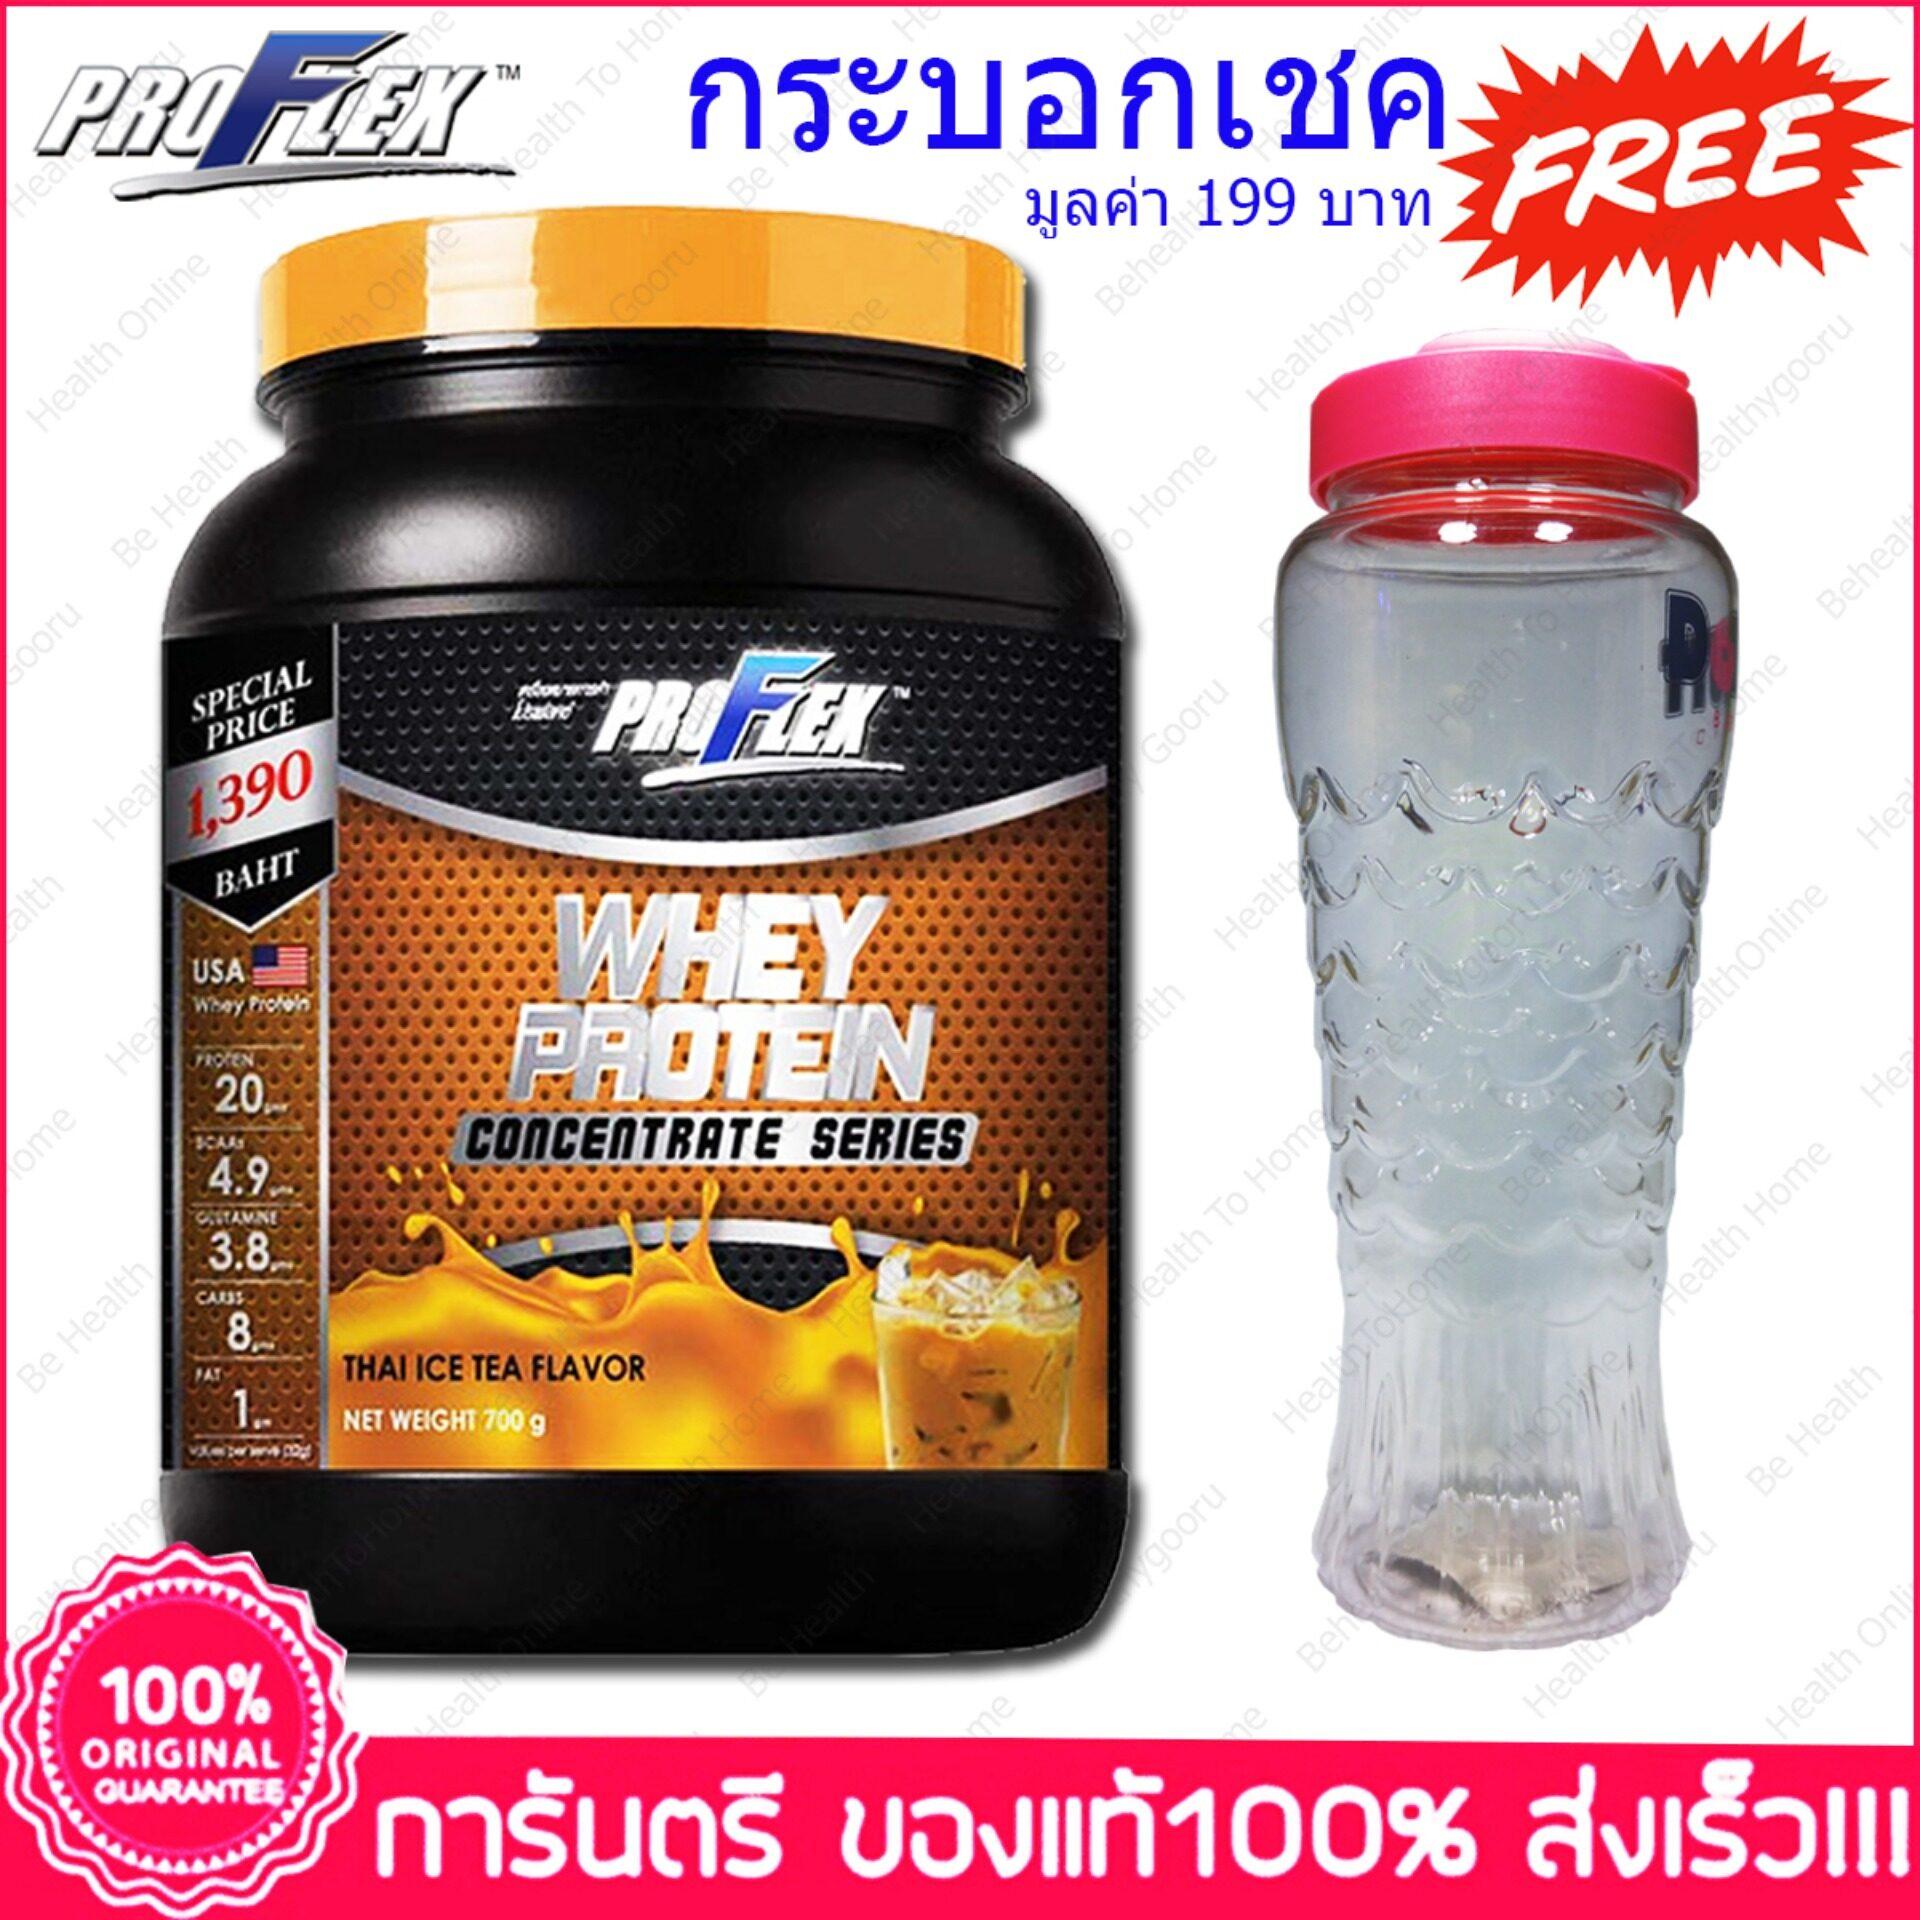 โปรเฟล็กซ์ เวย์ โปรตีน คอนเซนเทรต ชาไทย เพิ่มกล้ามเนื้อ ช่วยลดน้ำหนัก Proflex Whey Protein Concentrate Thai Tea 700 g. X 1 กระป๋อง(Bottles) Free กระบอกเชค(Shaker) 199 Bath